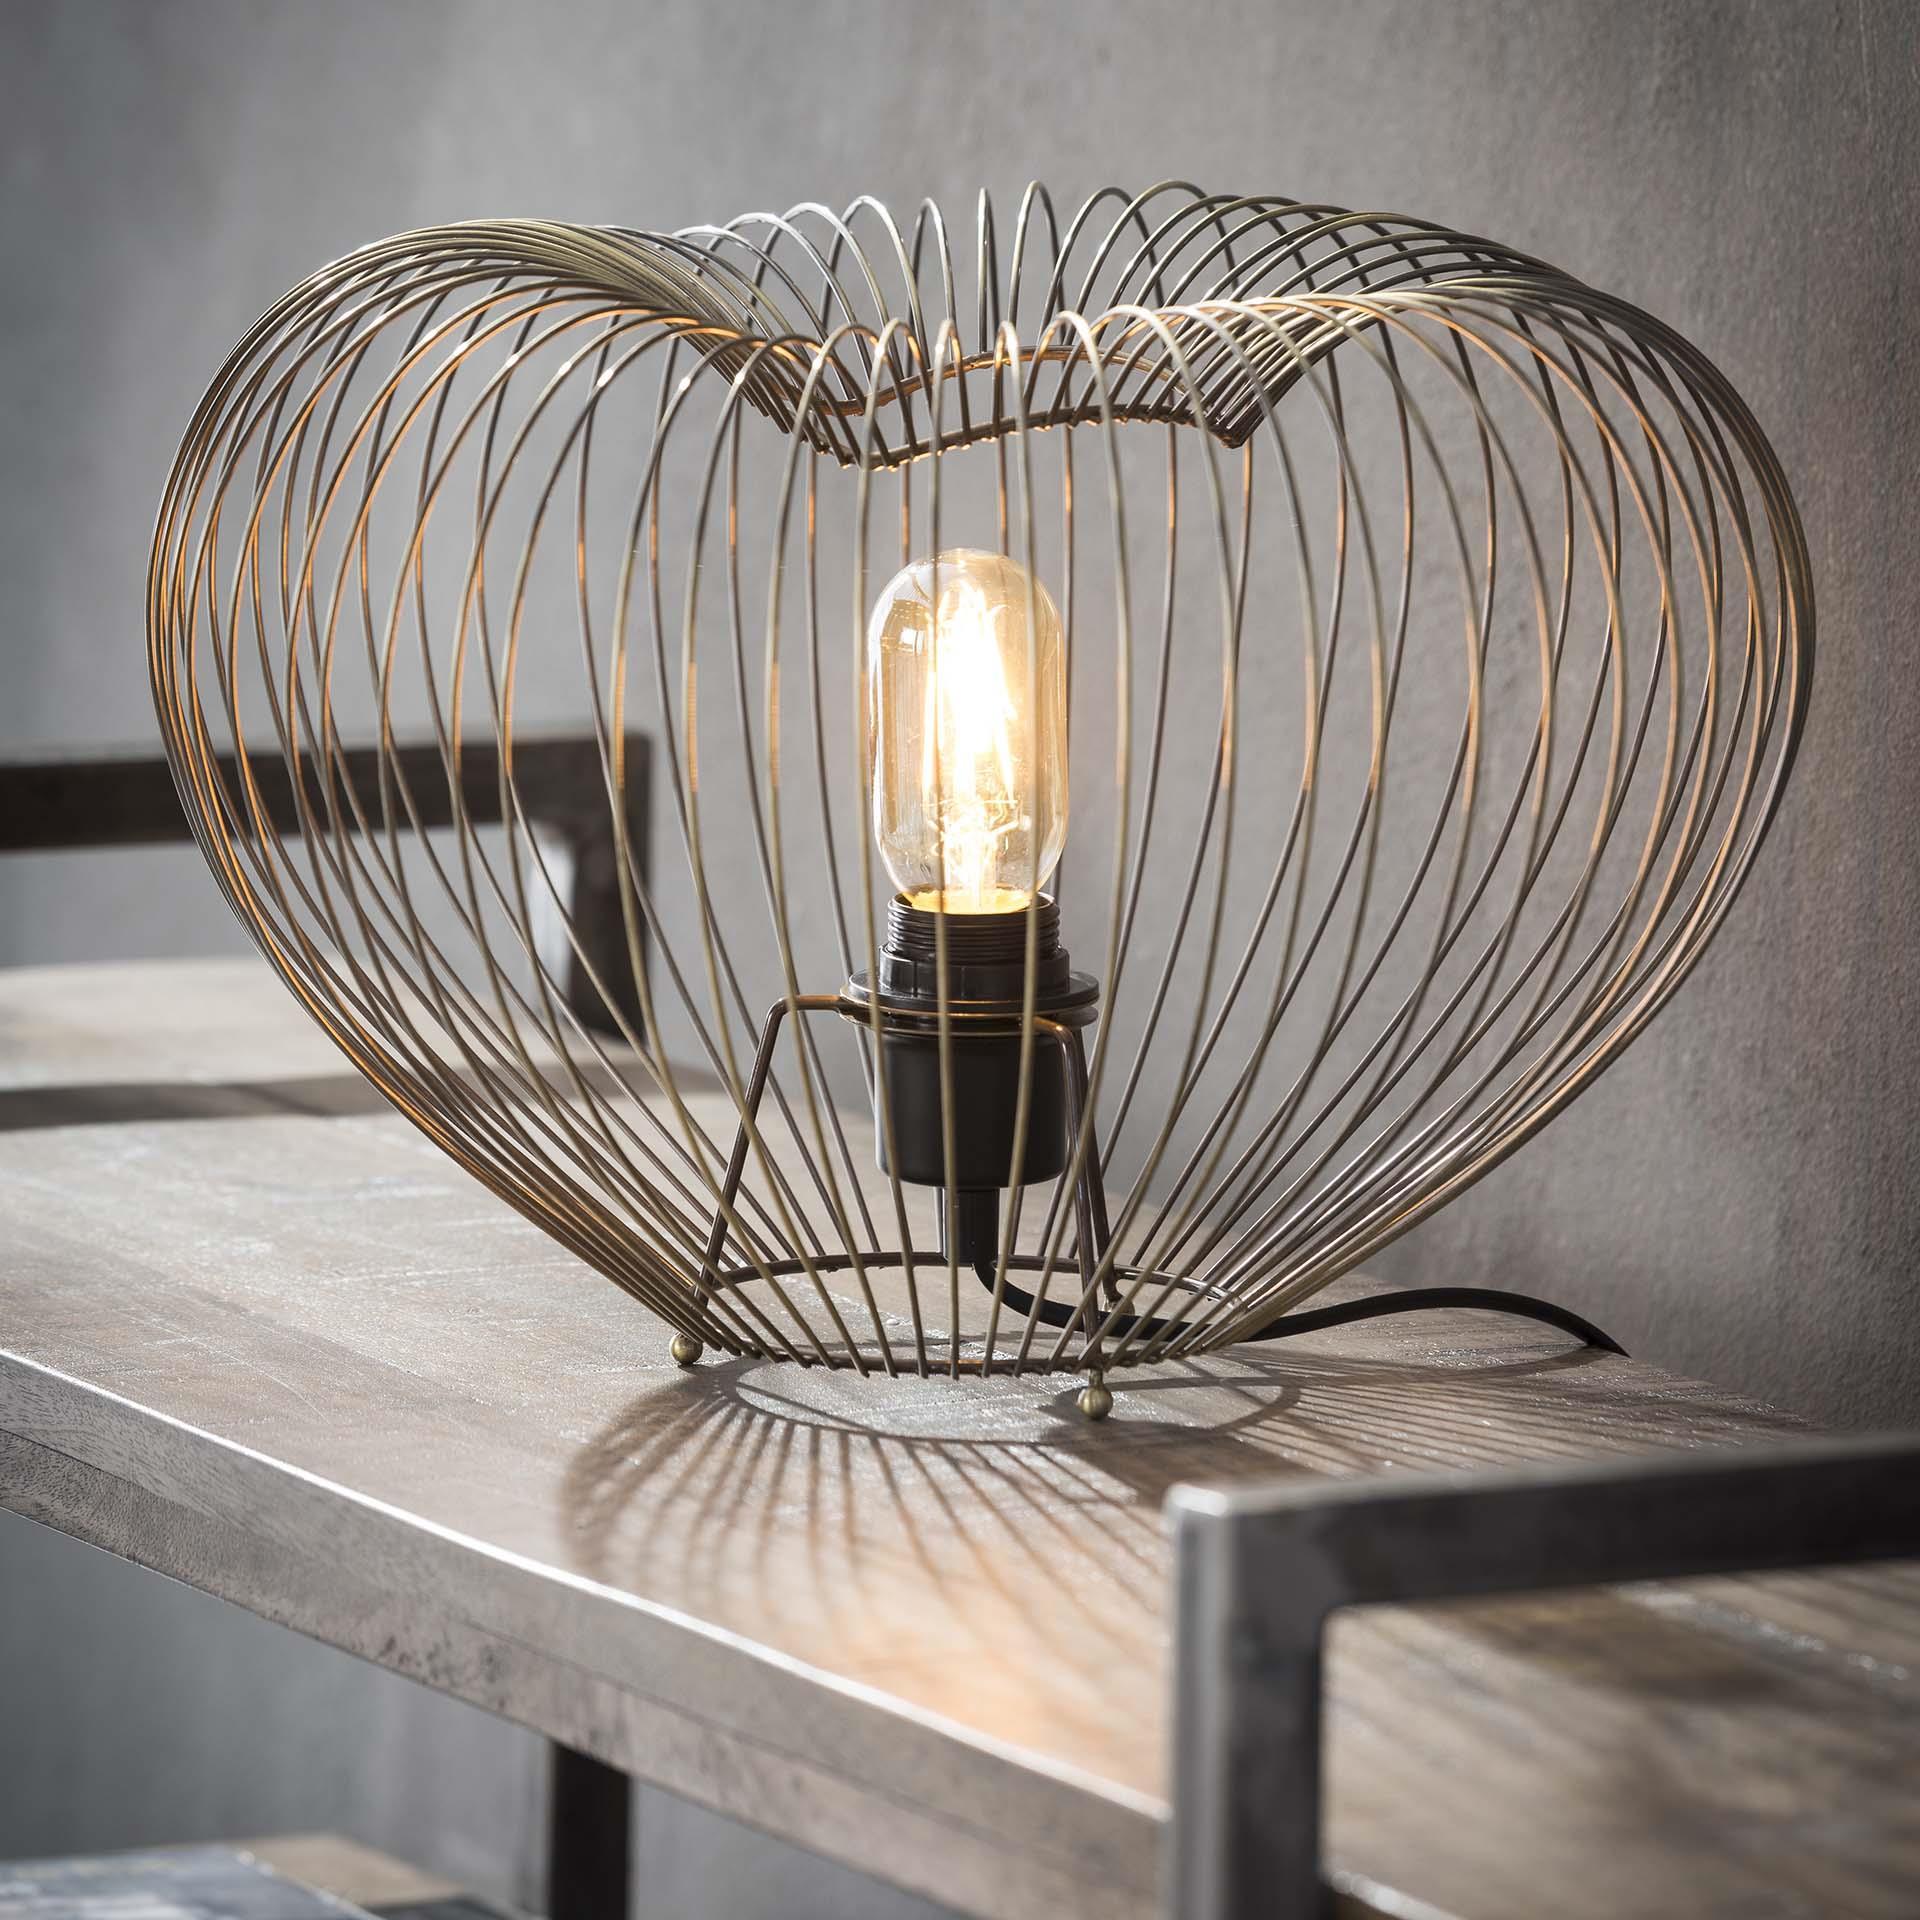 Tafellamp 'Van' korting